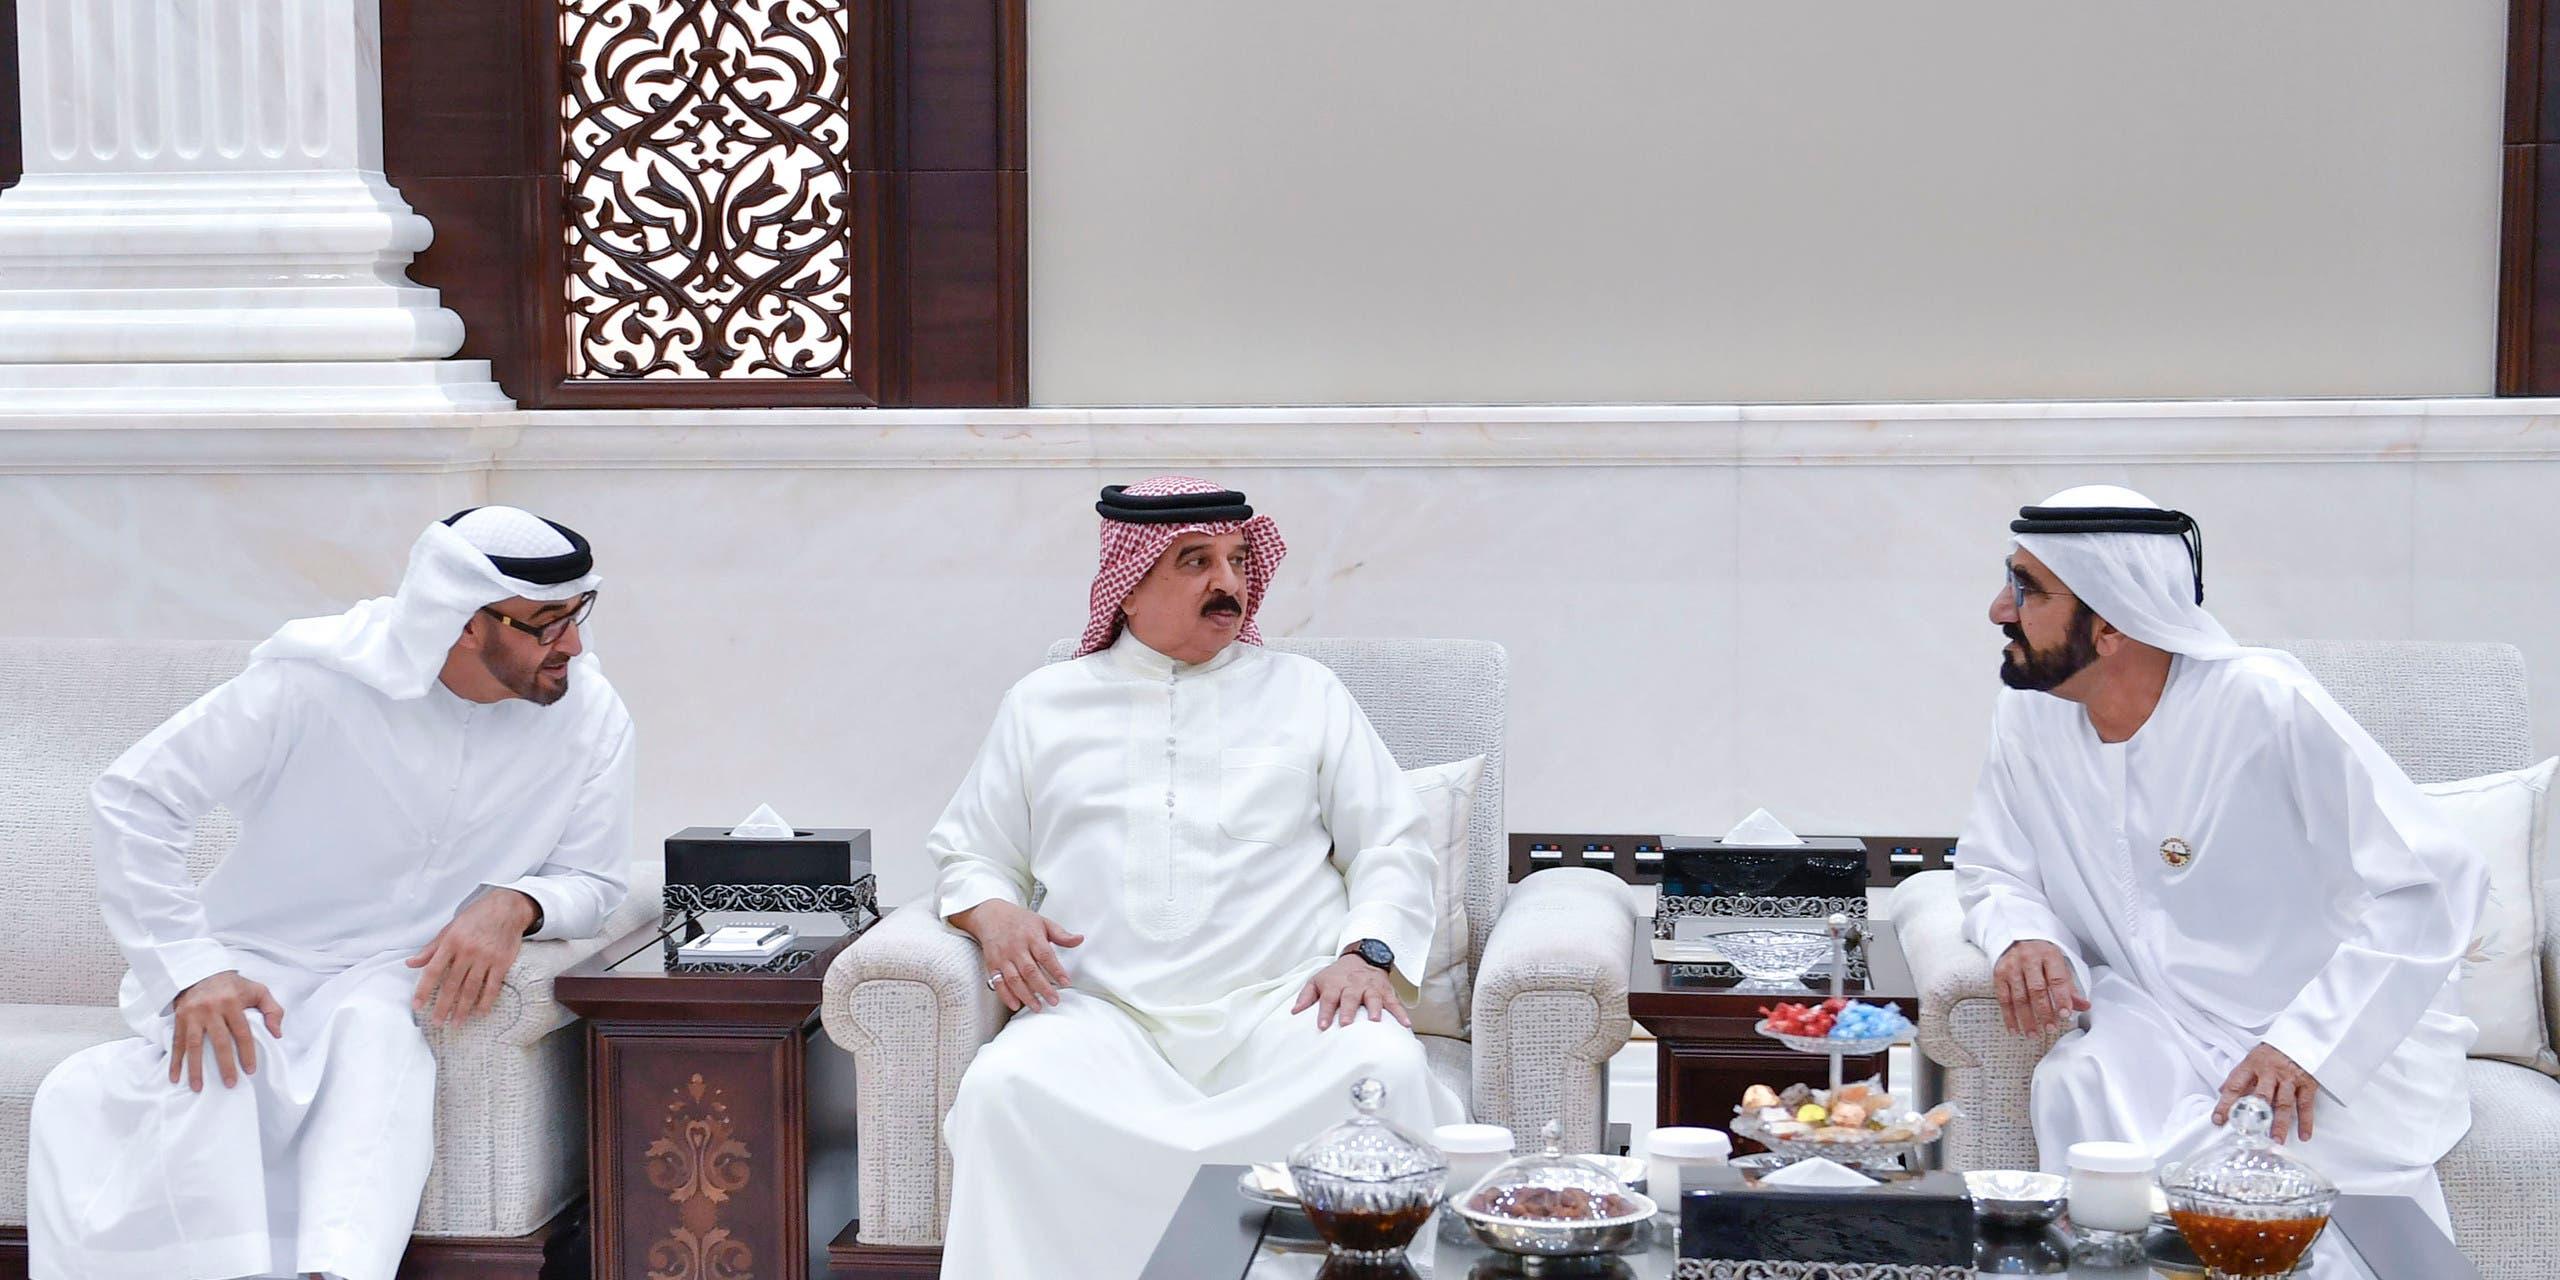 لقاء ثلاثي يجمع بين ملك البحرين و الشيخ محمد بن راشد والشيخ محمد بن زايد